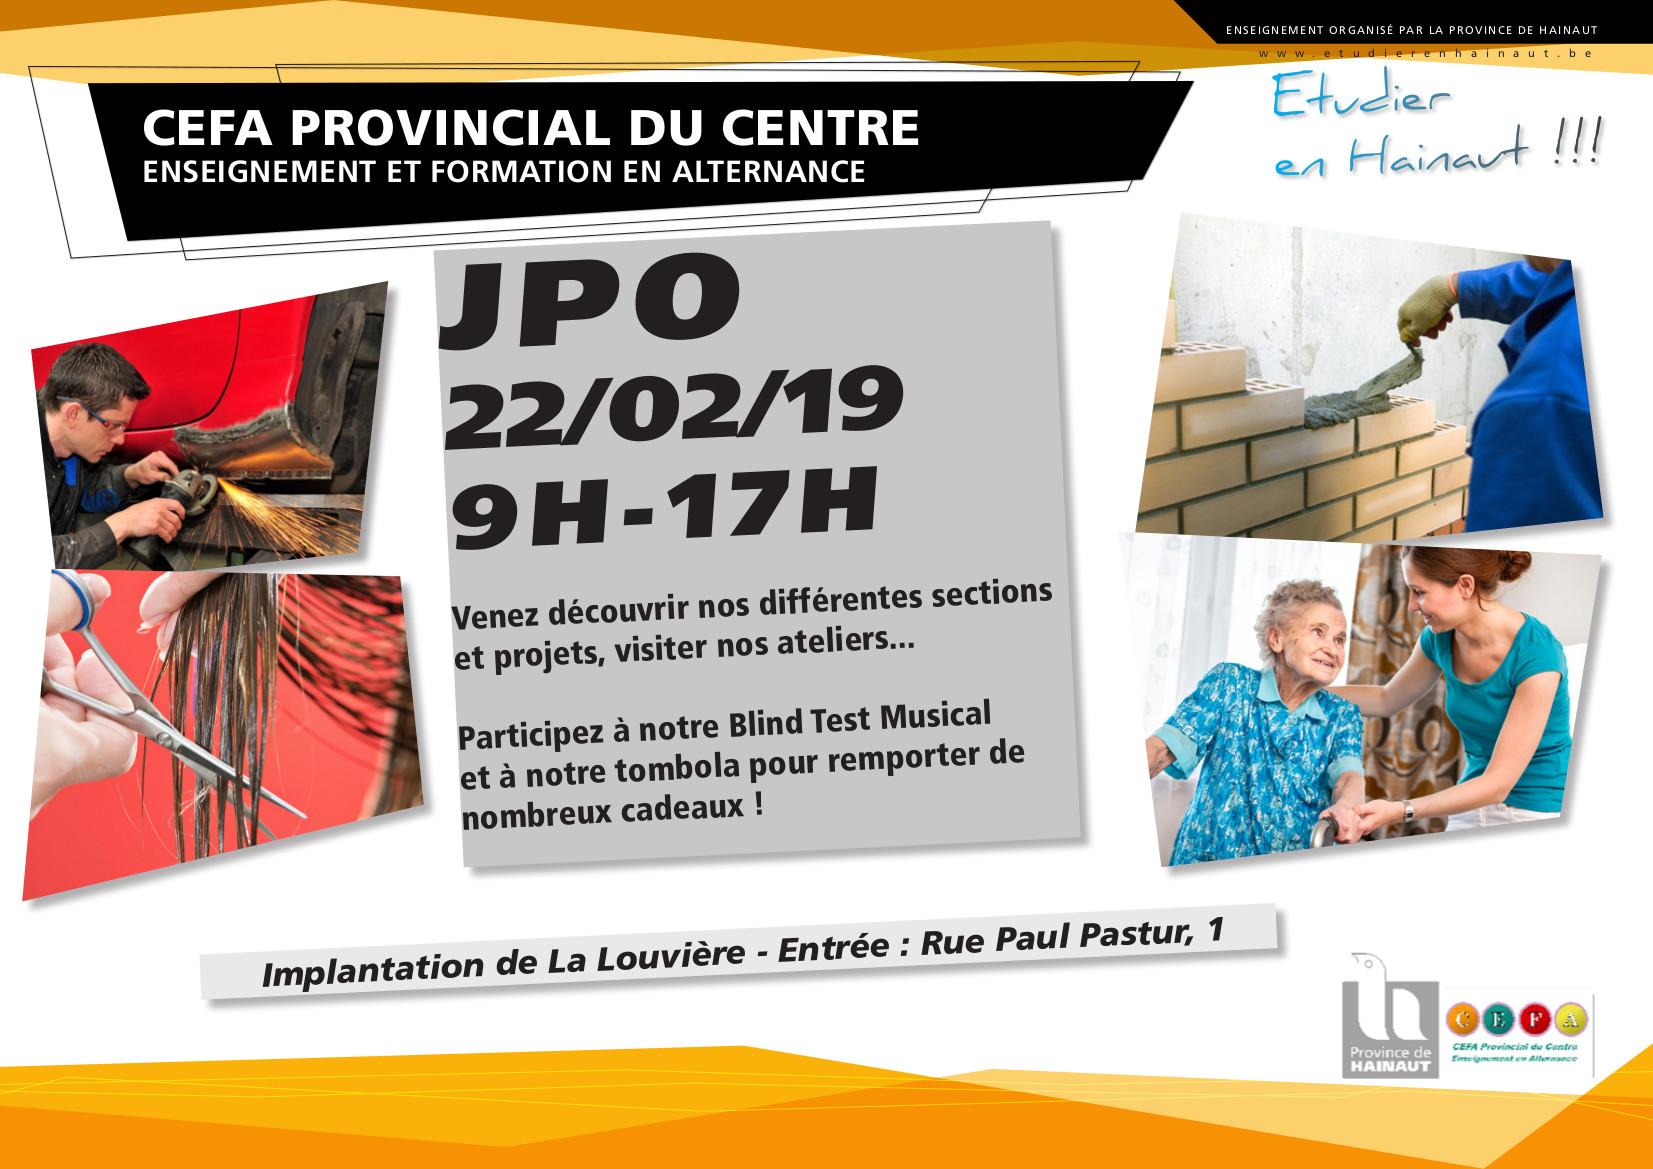 JPO 22/02 au CEFA provincial du Centre